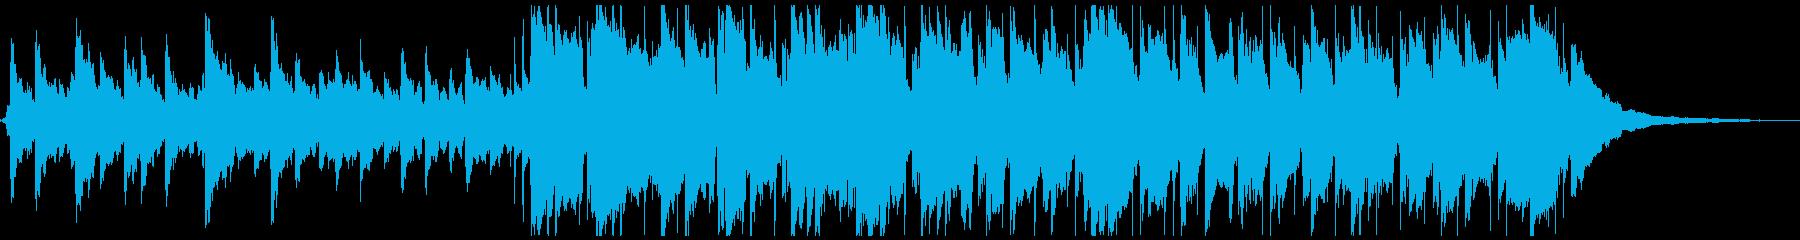 ピアノ演奏を伴う軽快なポップスの再生済みの波形